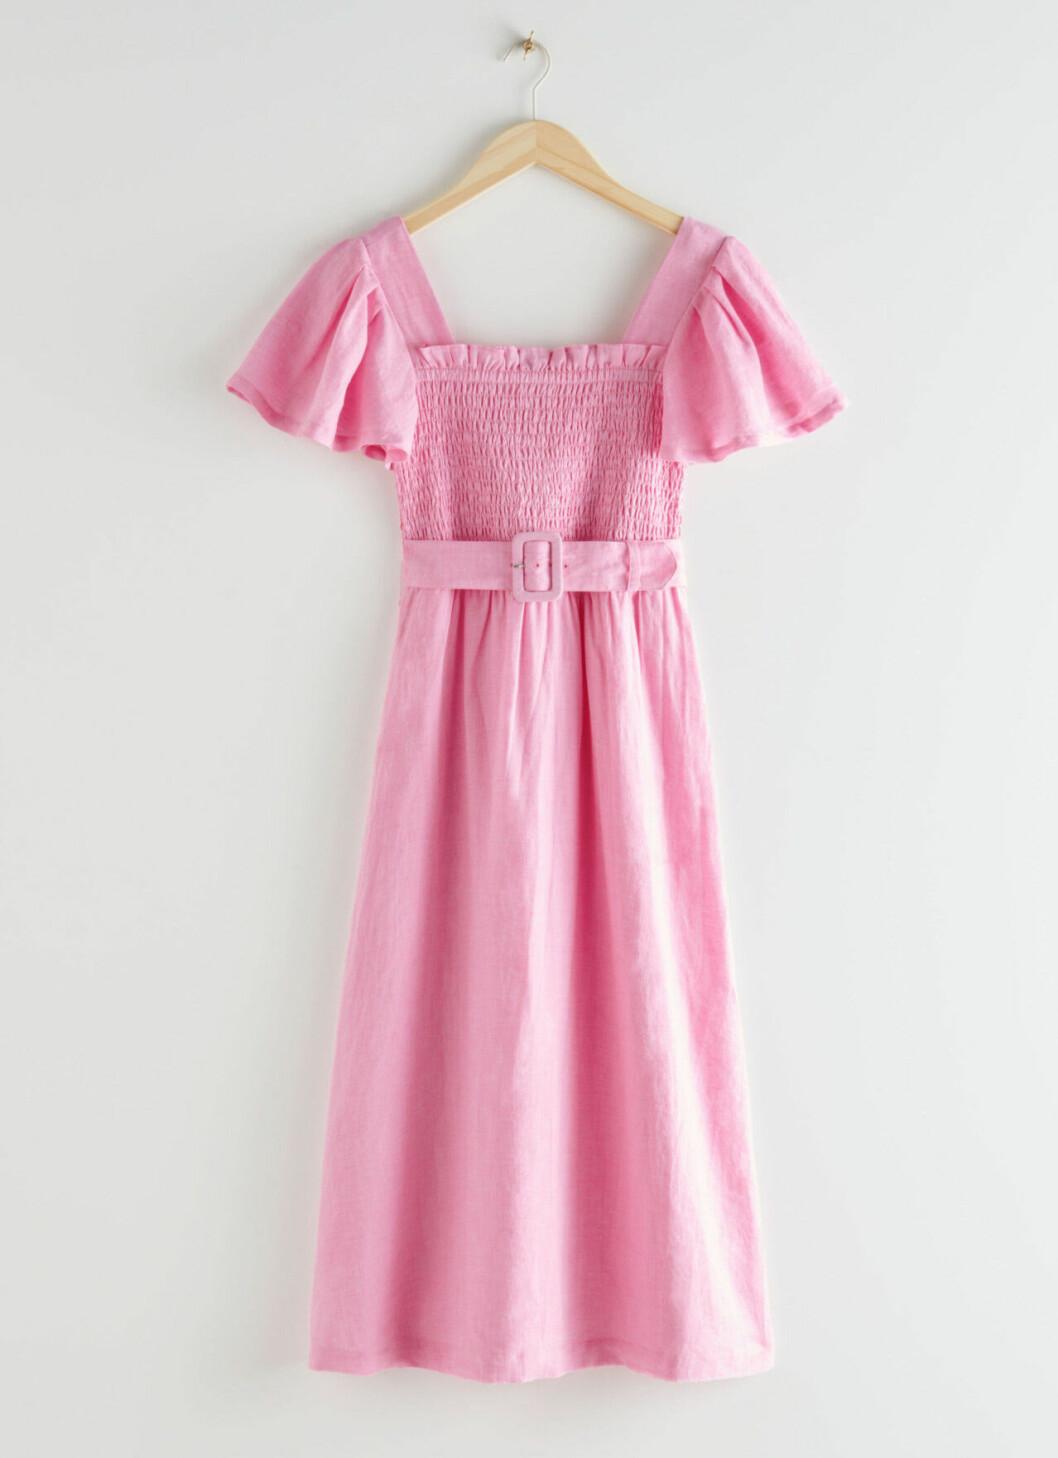 Rosa klänning med smock och markerad midja till 2020